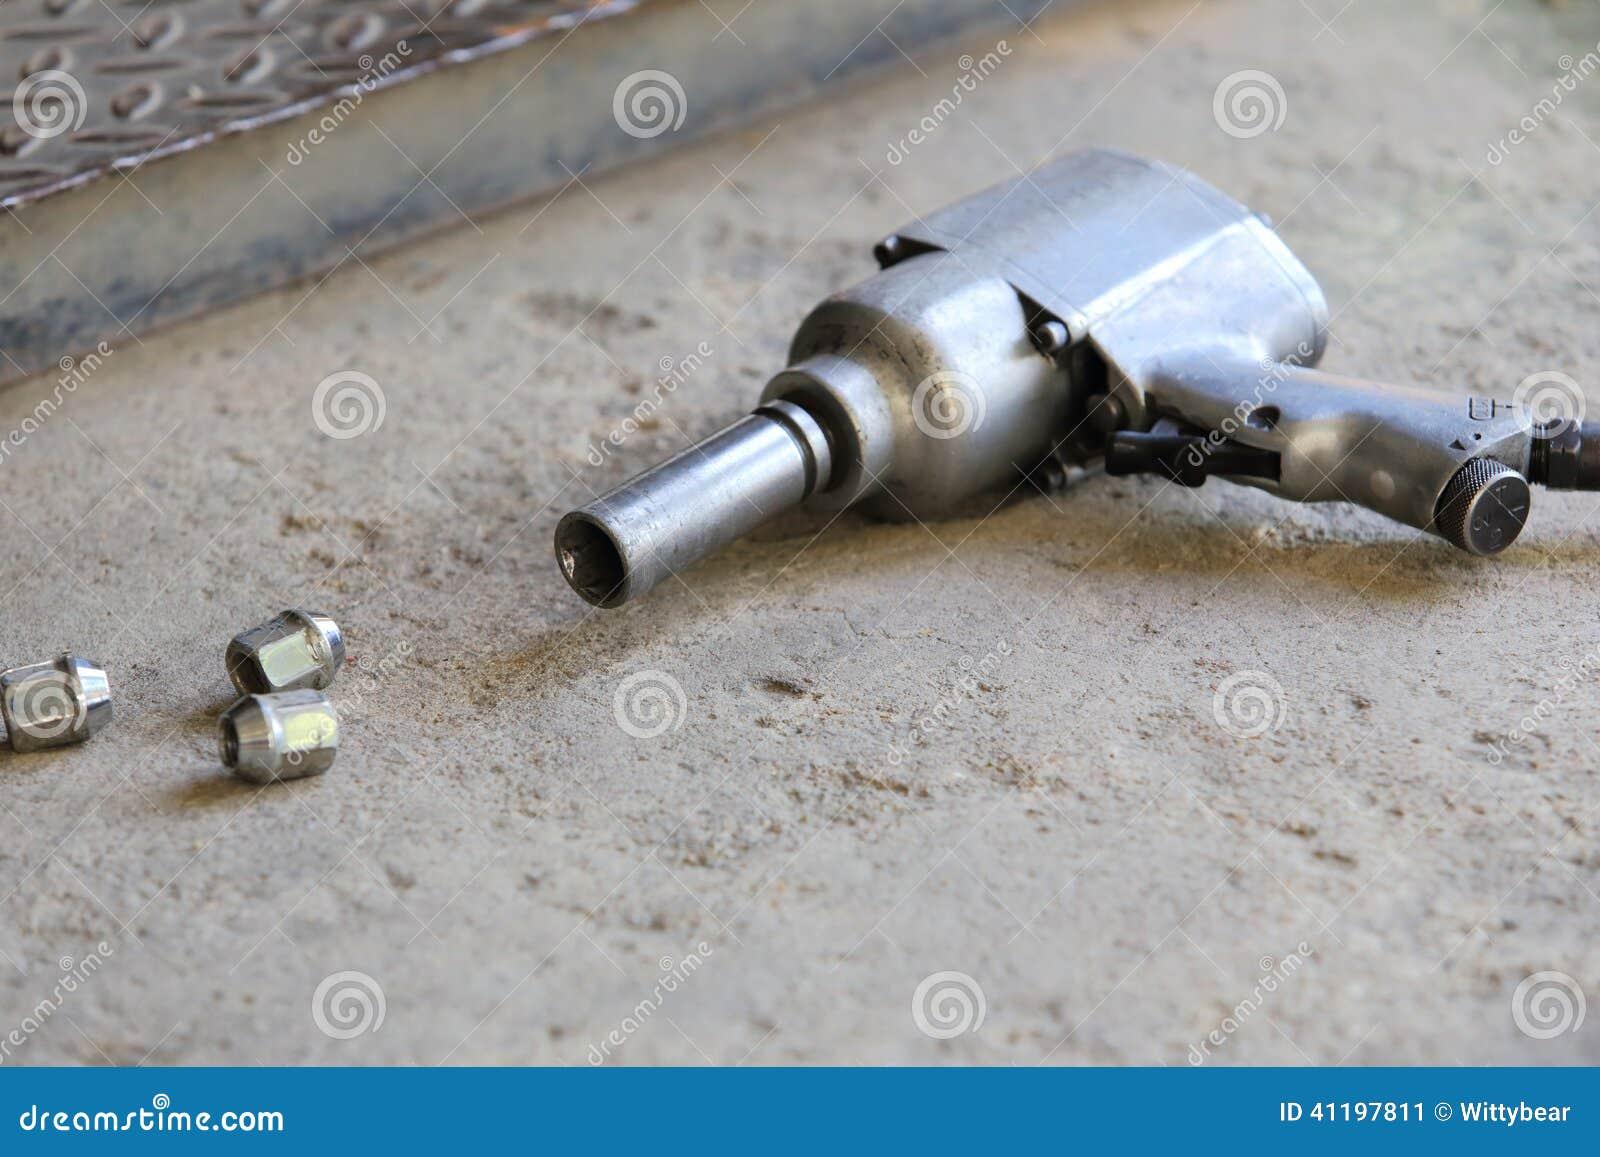 pistolet pneumatique pour la roue de voiture de changement photo stock image 41197811. Black Bedroom Furniture Sets. Home Design Ideas